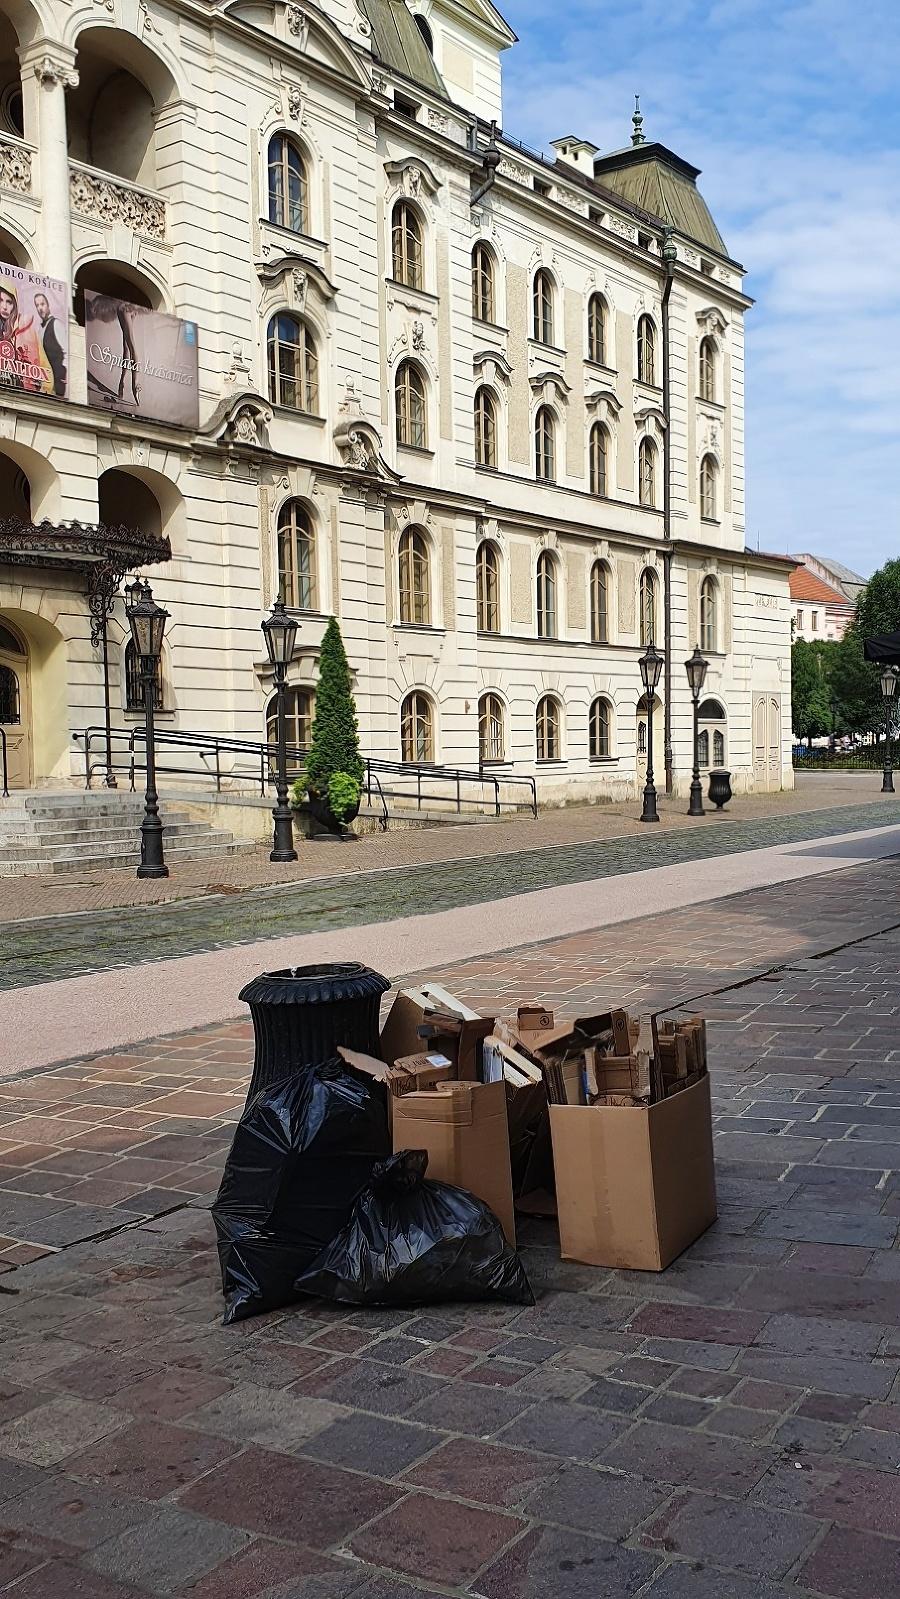 Praktiky podnikateľov rieši aj mestská polícia a jej envirohliadky, hromadiaceho odpadu však neubúda.